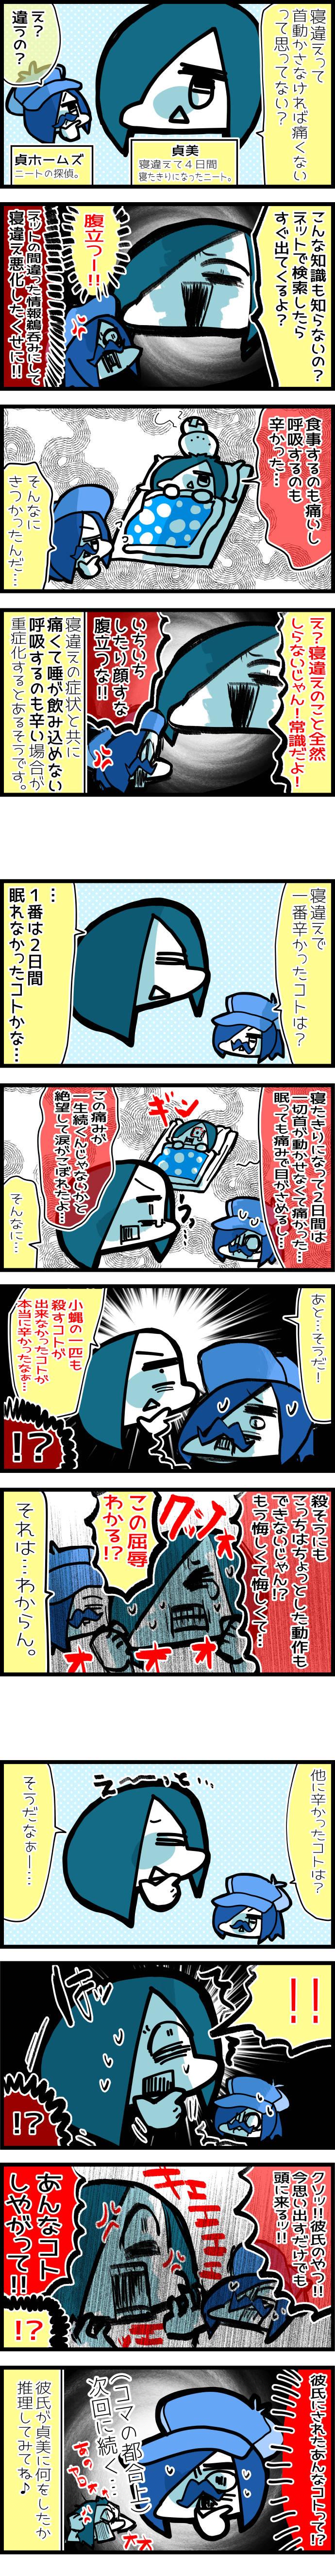 neetsadami.com_2話